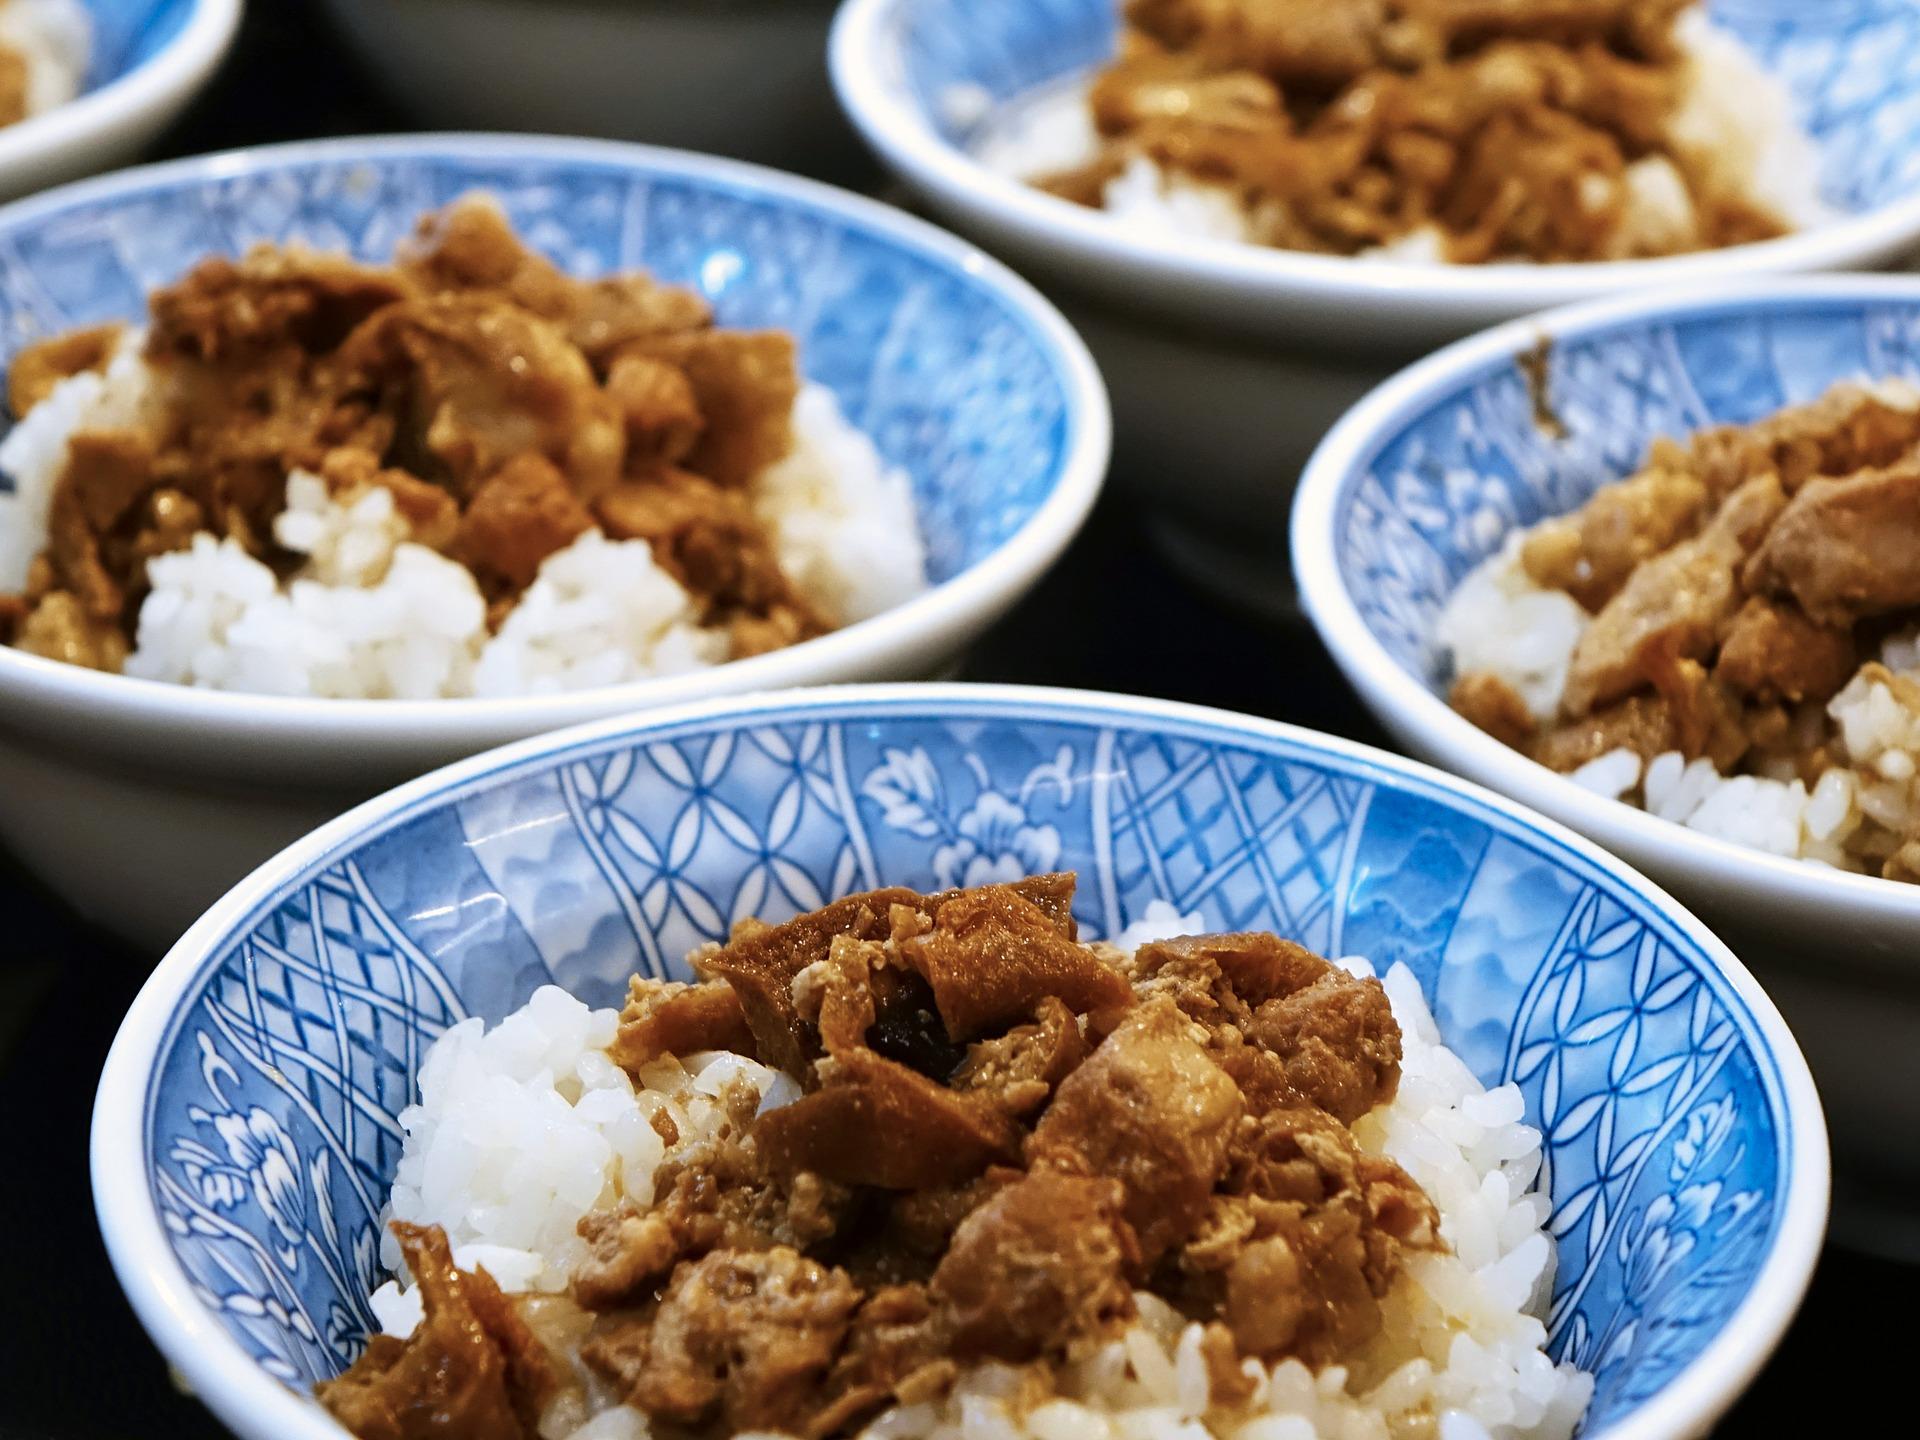 taiwanese-cuisine-1057814_1920